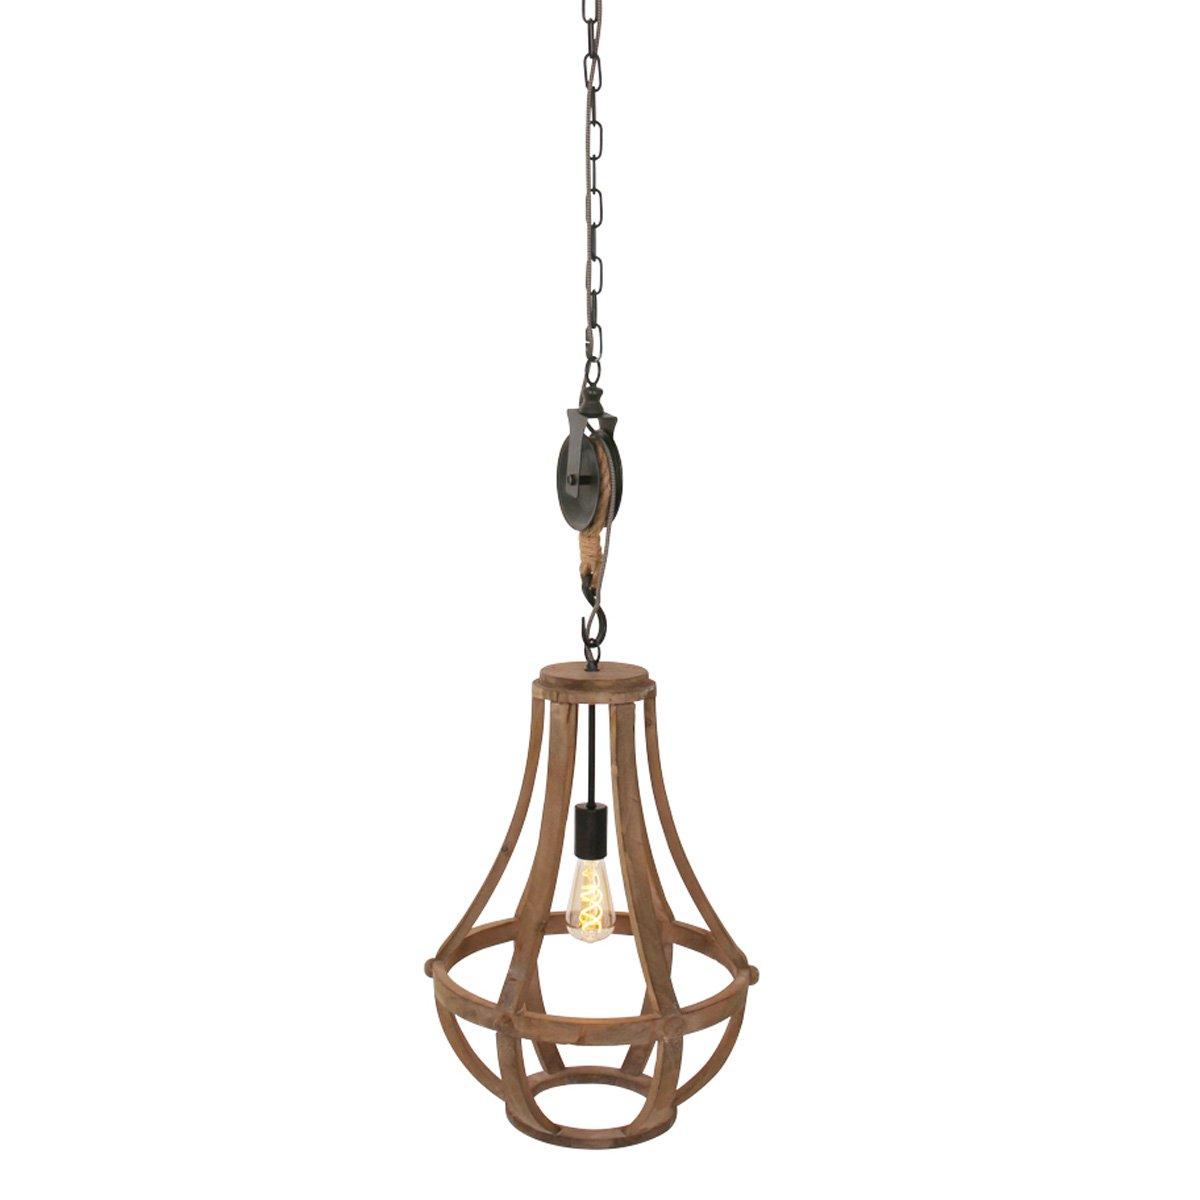 Steinhauer Landelijke hanglamp Liberty Bell Steinhauer 1349BE